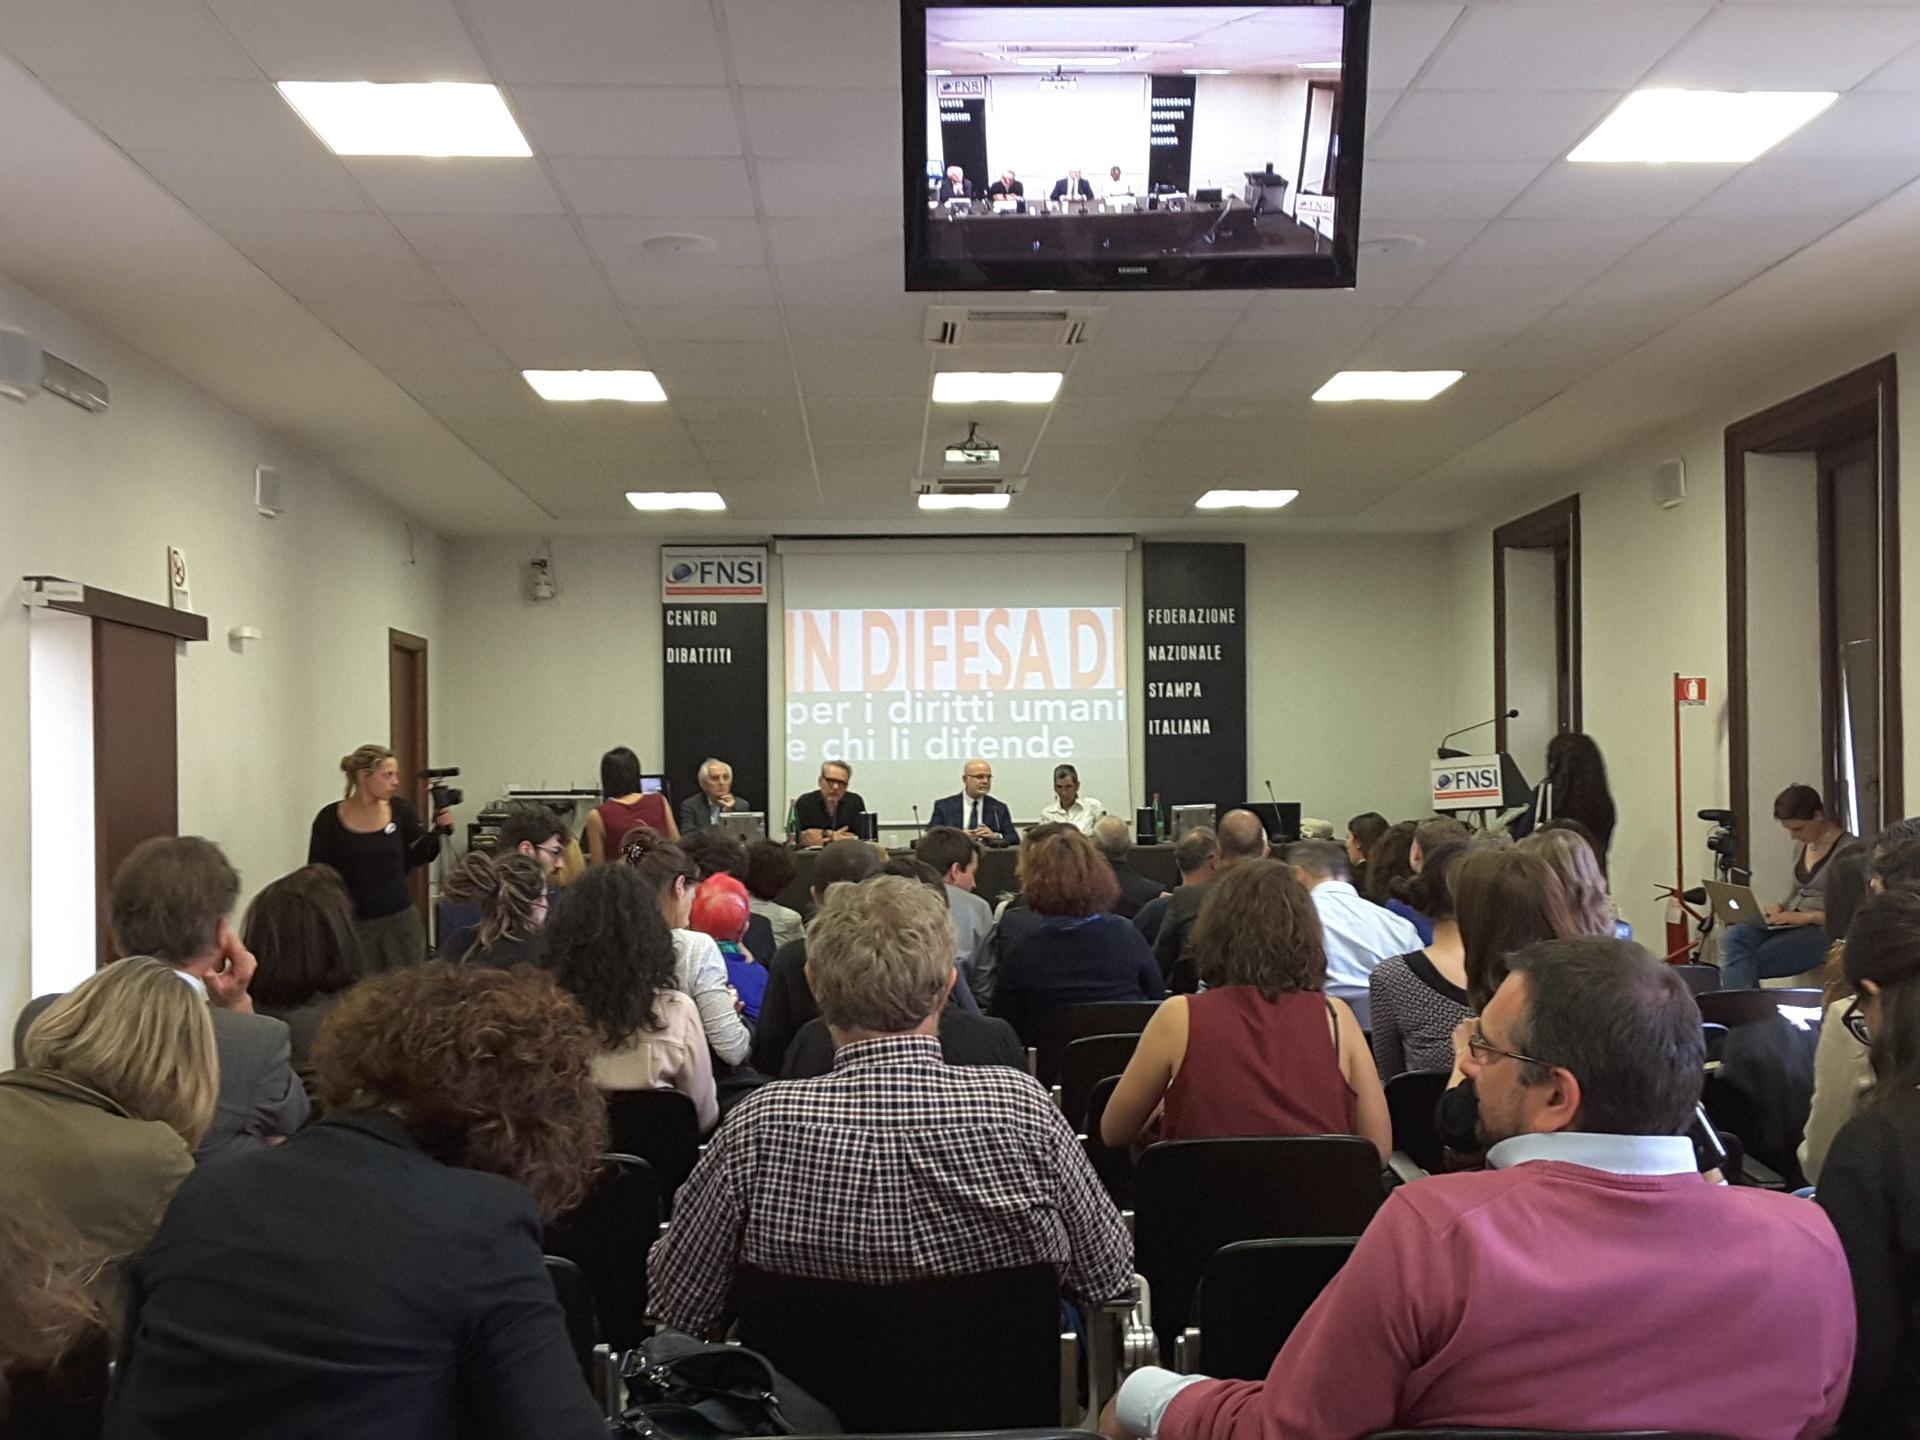 Difendere le ONG dagli attacchi mirati e deliberati